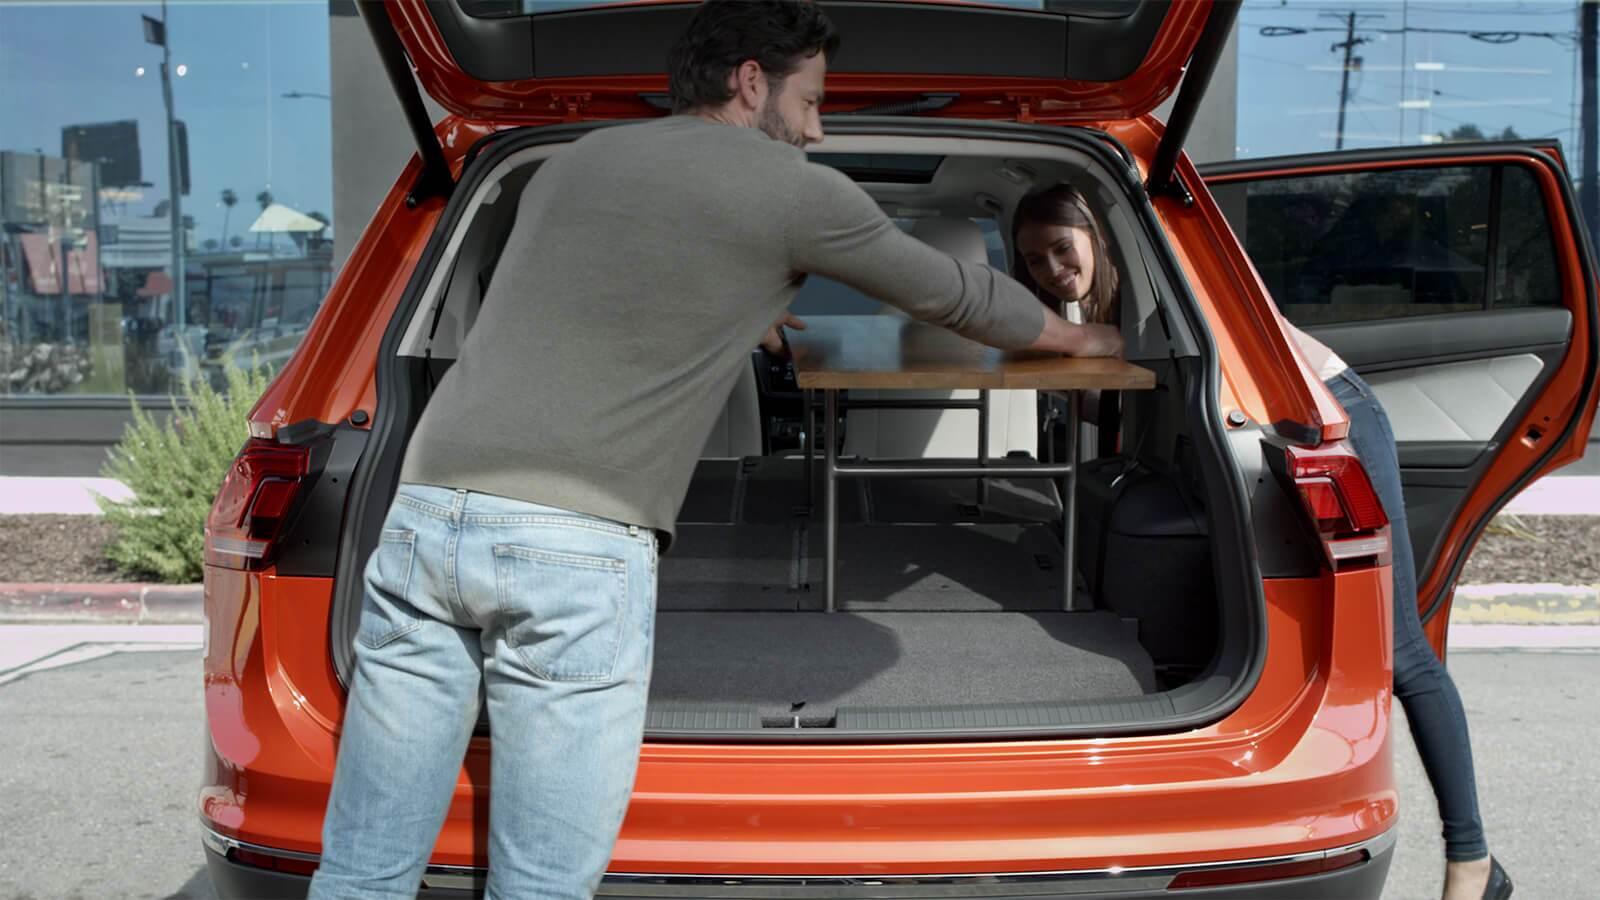 2019 Volkswagen Tiguan Interiors